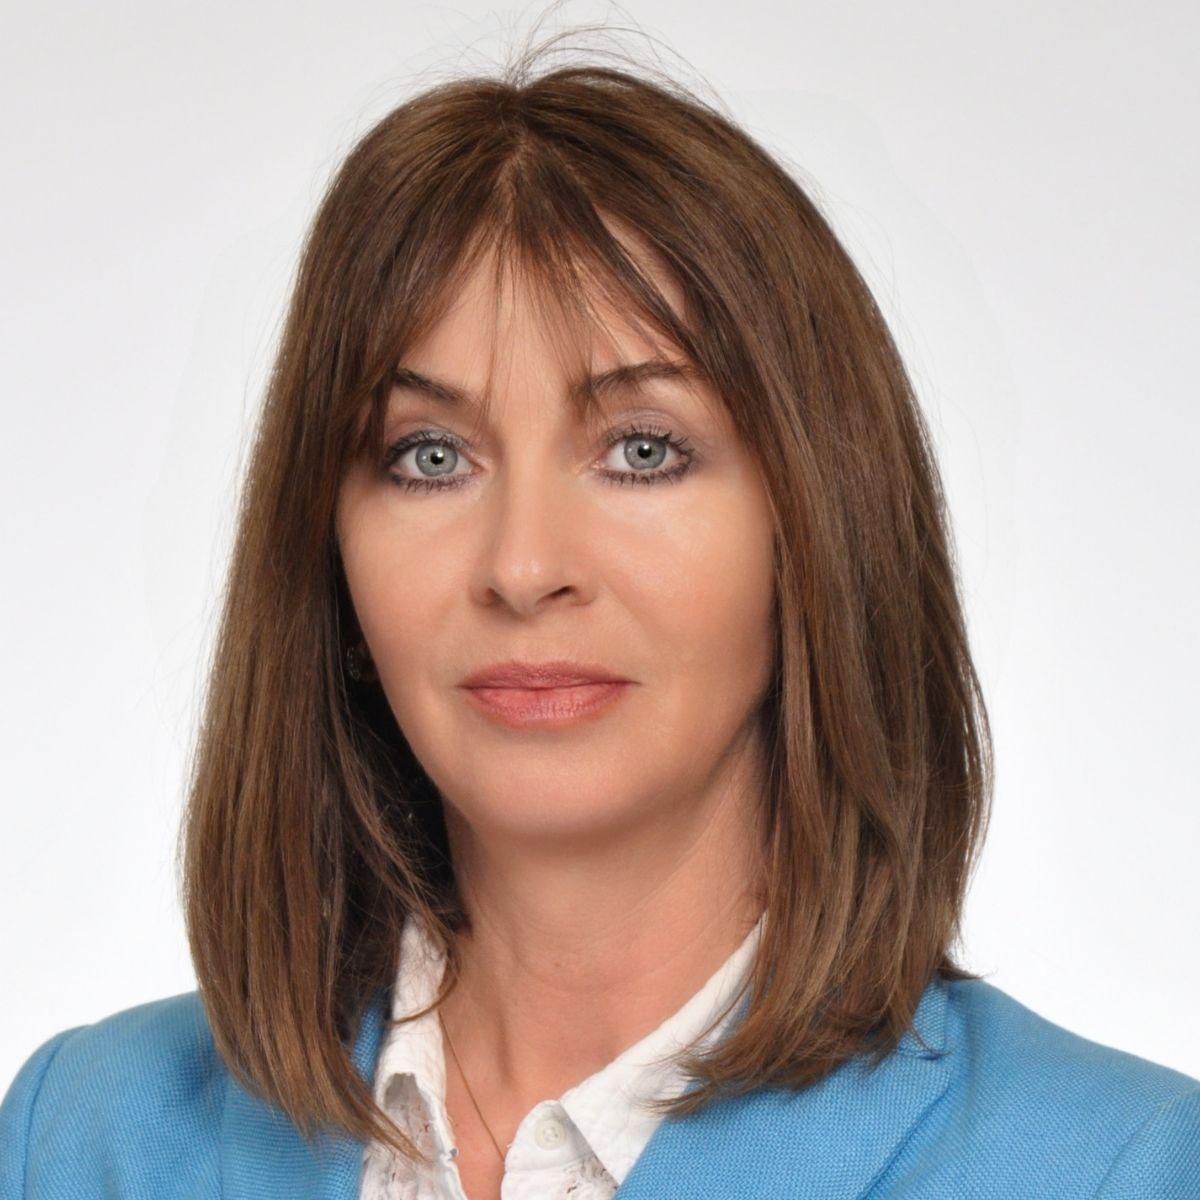 Yuliana Kurteva